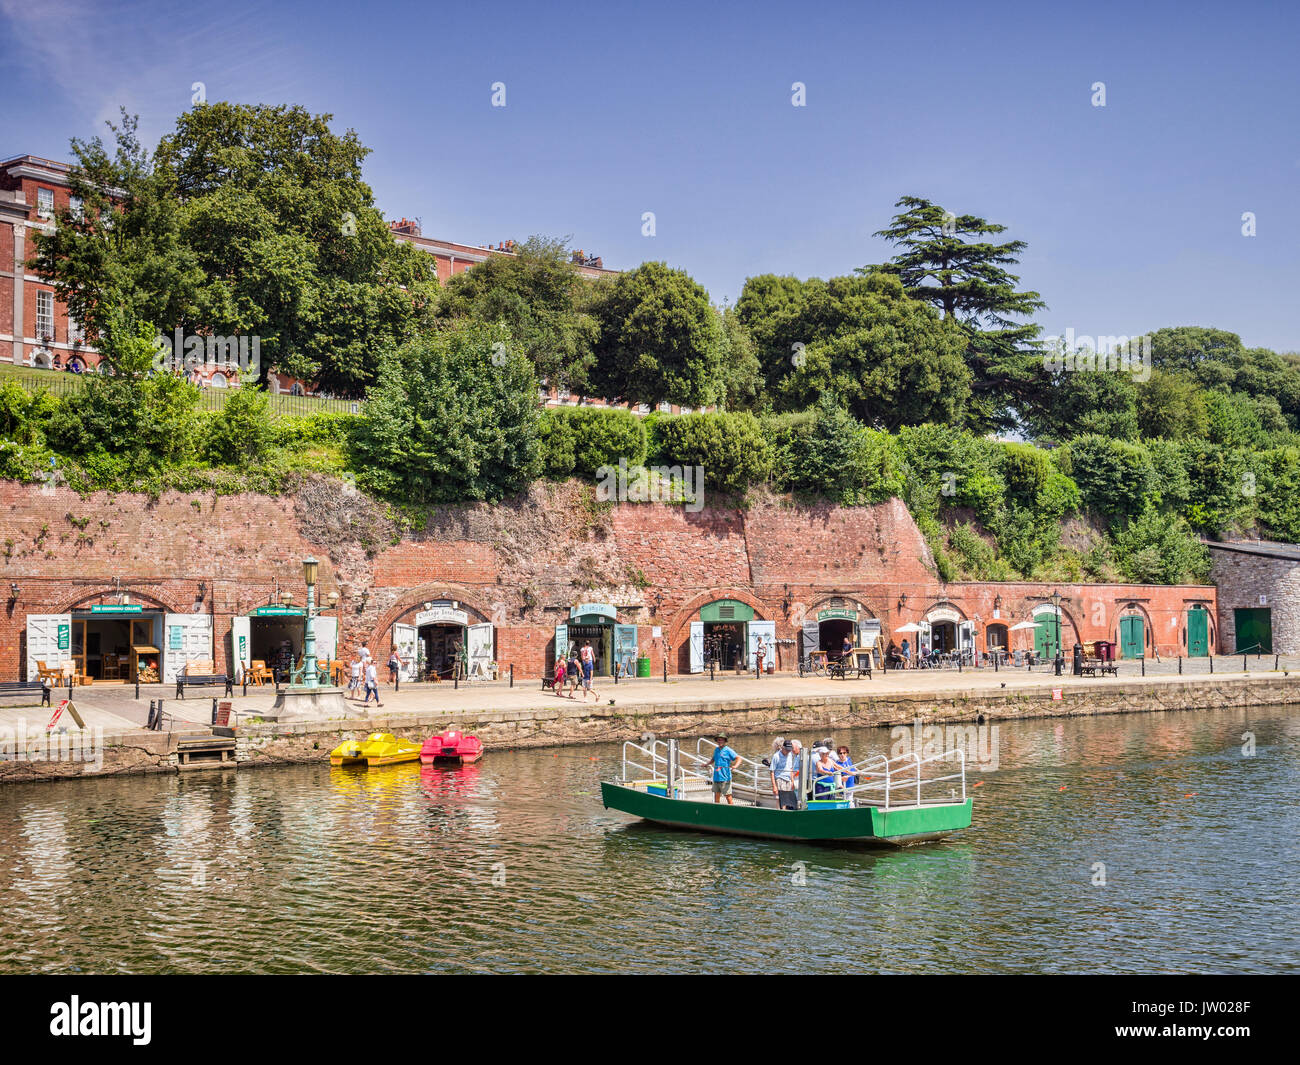 21 de junio de 2017: zona de Quayside, EXETER EXETER, Devon, Inglaterra, Reino Unido - colillas, una mano de Ferry Ferry , cable alimentado cruzando el río Exe hacia las tiendas y gal. Imagen De Stock